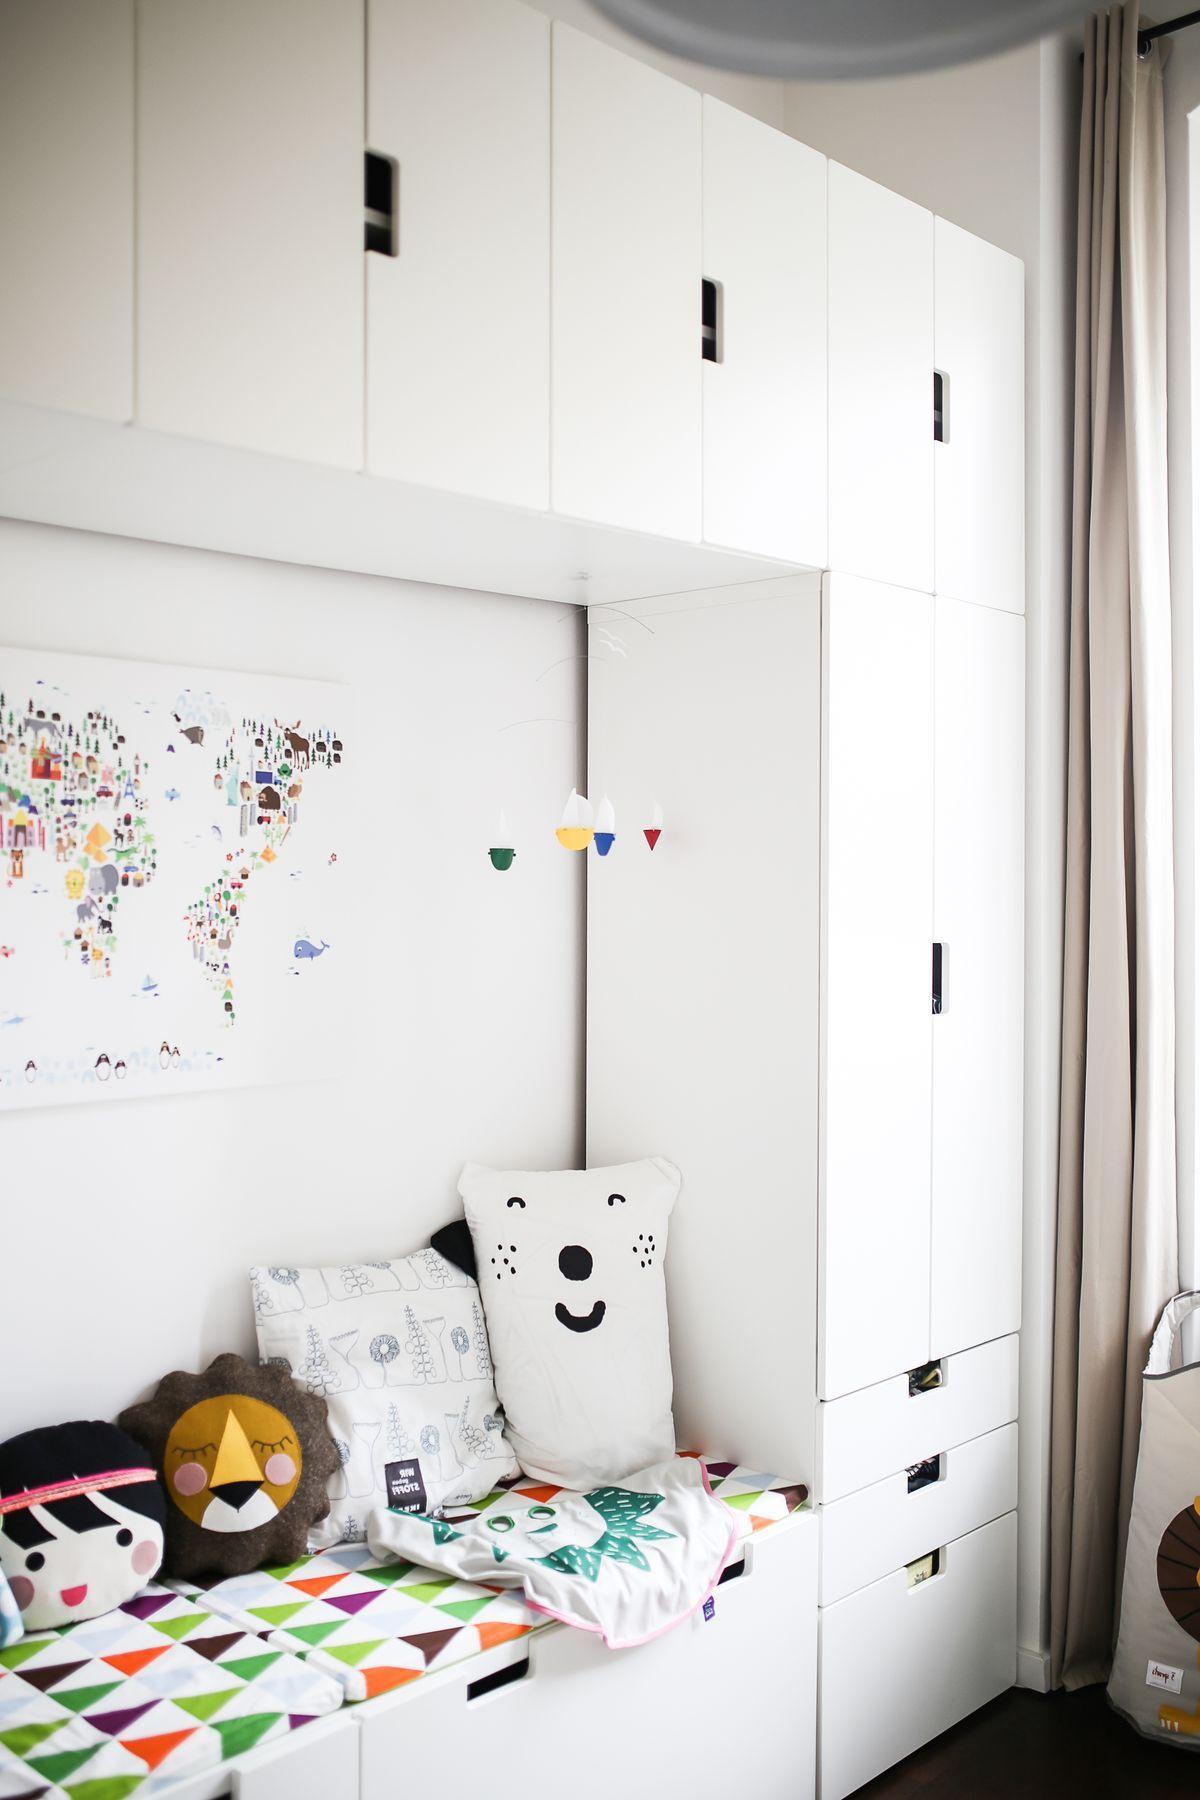 pin von canan auf kabinetim icin fikirler pinterest kinderzimmer kinderzimmer ideen und. Black Bedroom Furniture Sets. Home Design Ideas